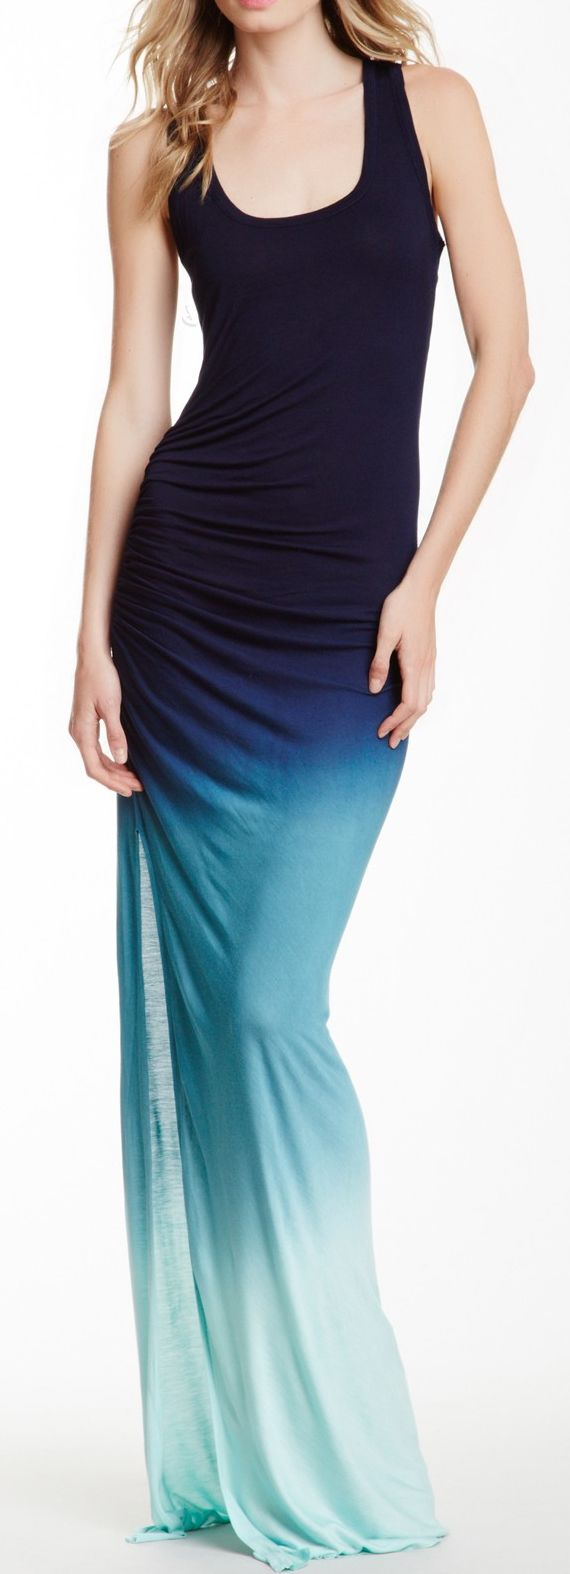 Ombre maxi dress //